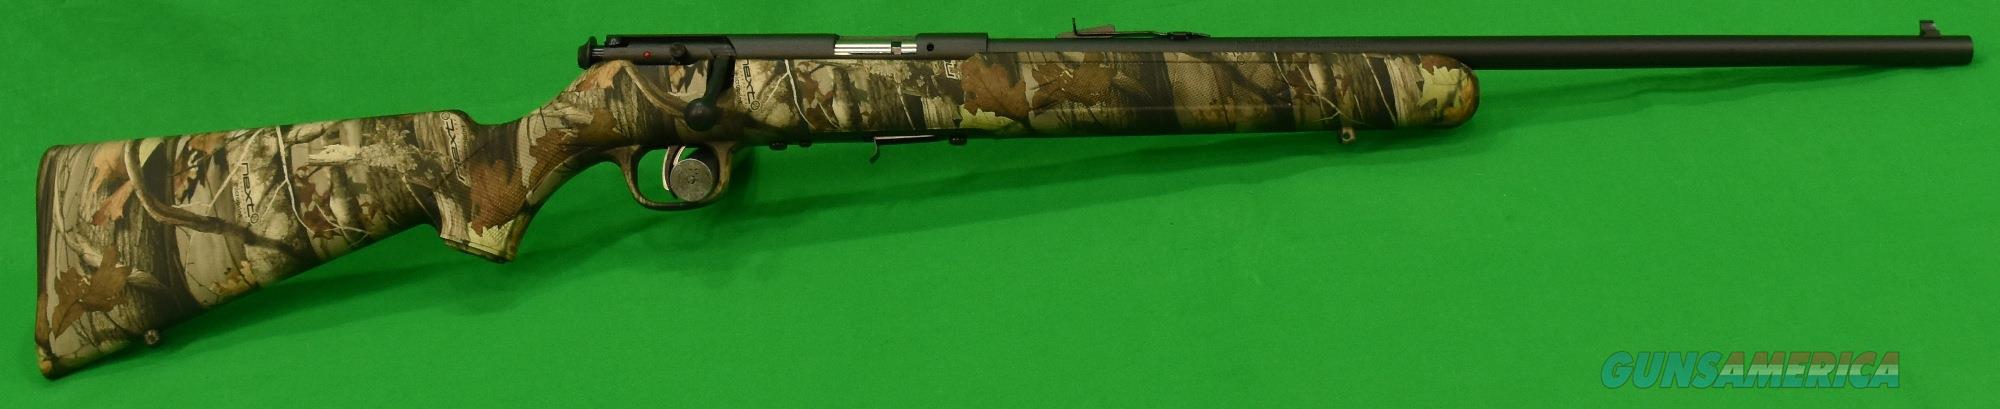 Mark II Syn Camo 22 LR 21In  26800  Guns > Rifles > Savage Rifles > Accutrigger Models